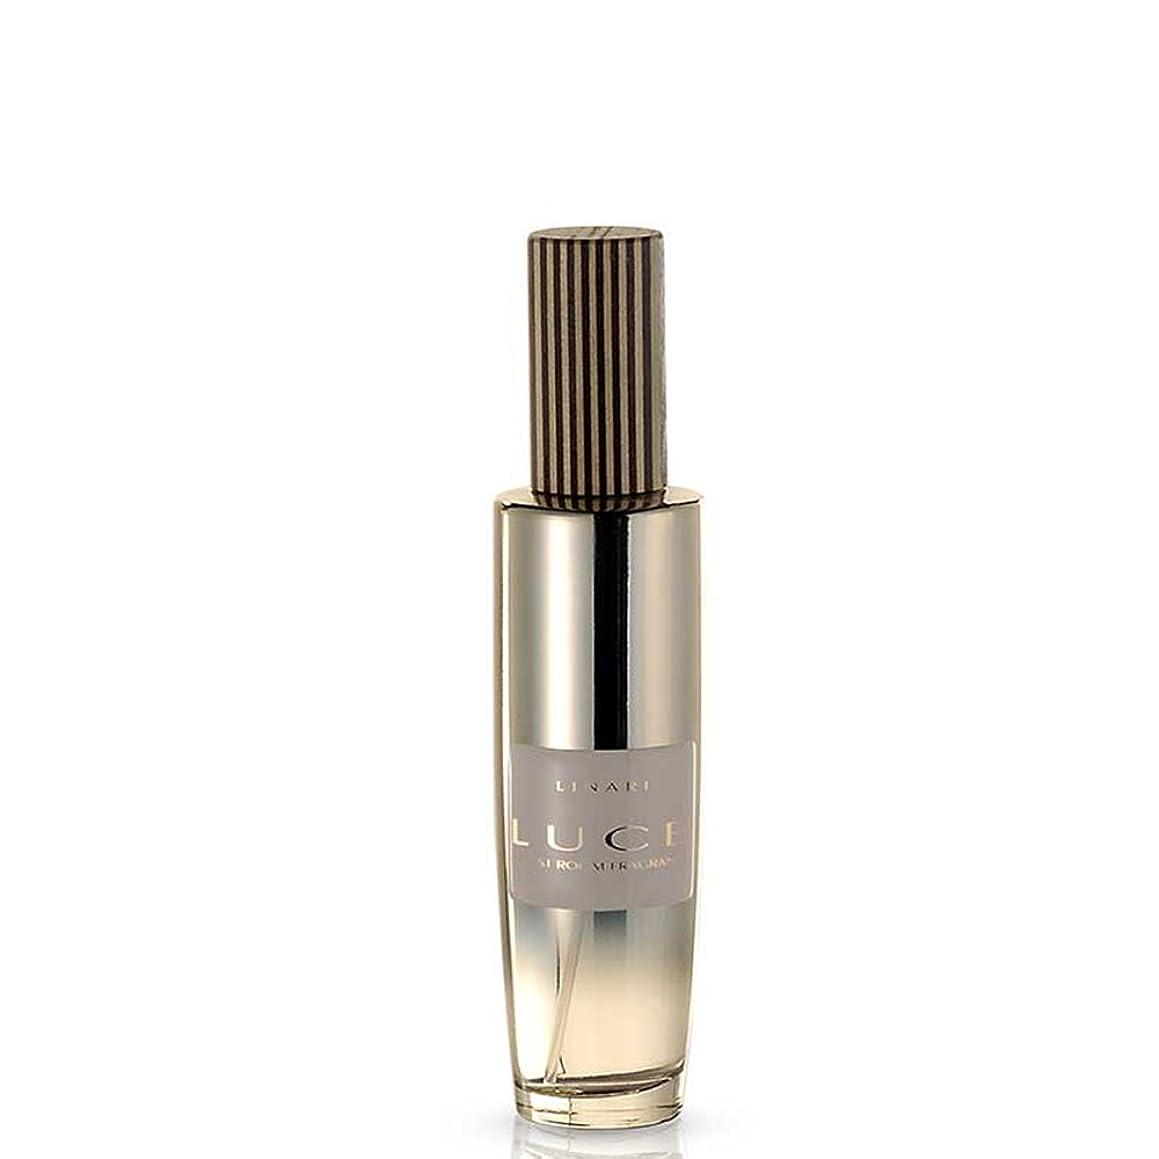 大気ライン活性化LINARI リナーリ ルームスプレー Room Spray ルーチェ LUCE Mark Buxton LINE